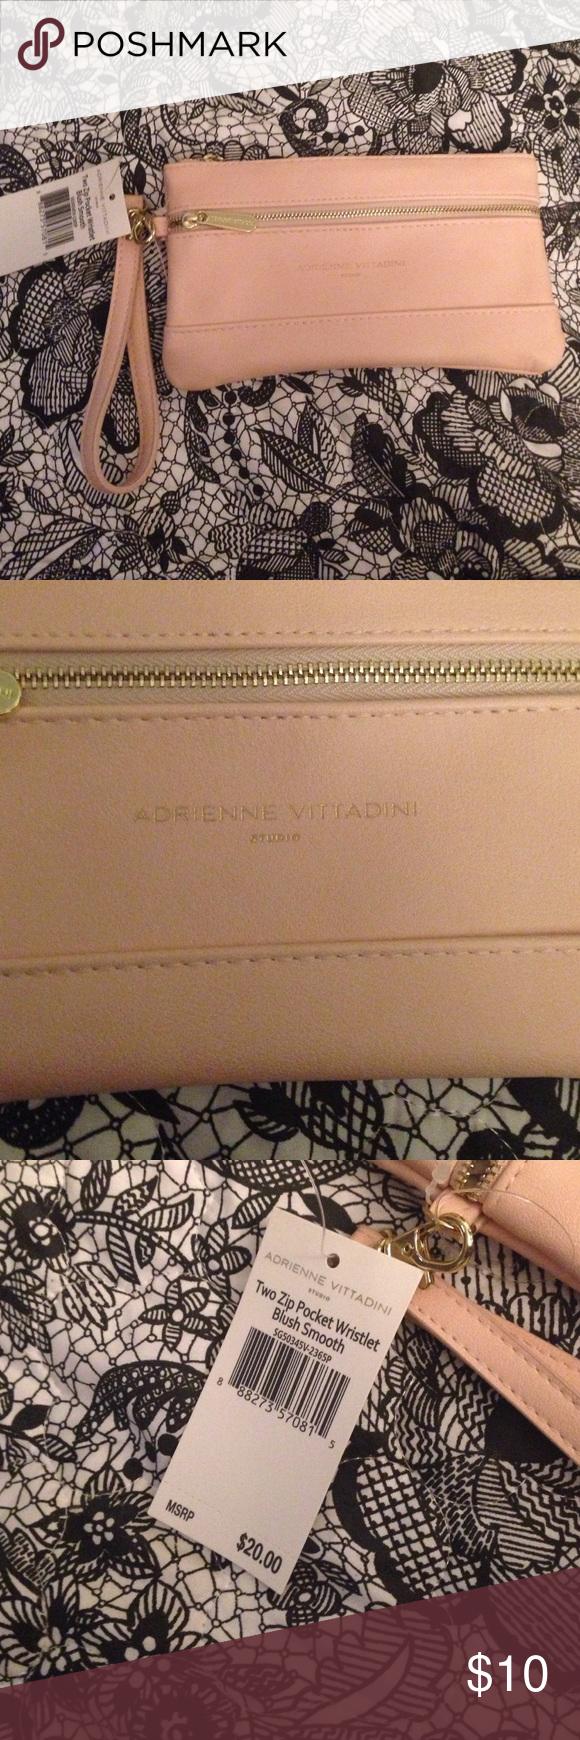 Adrienne vittadini wristlet BrNd new with tags Adrienne Vittadini ...